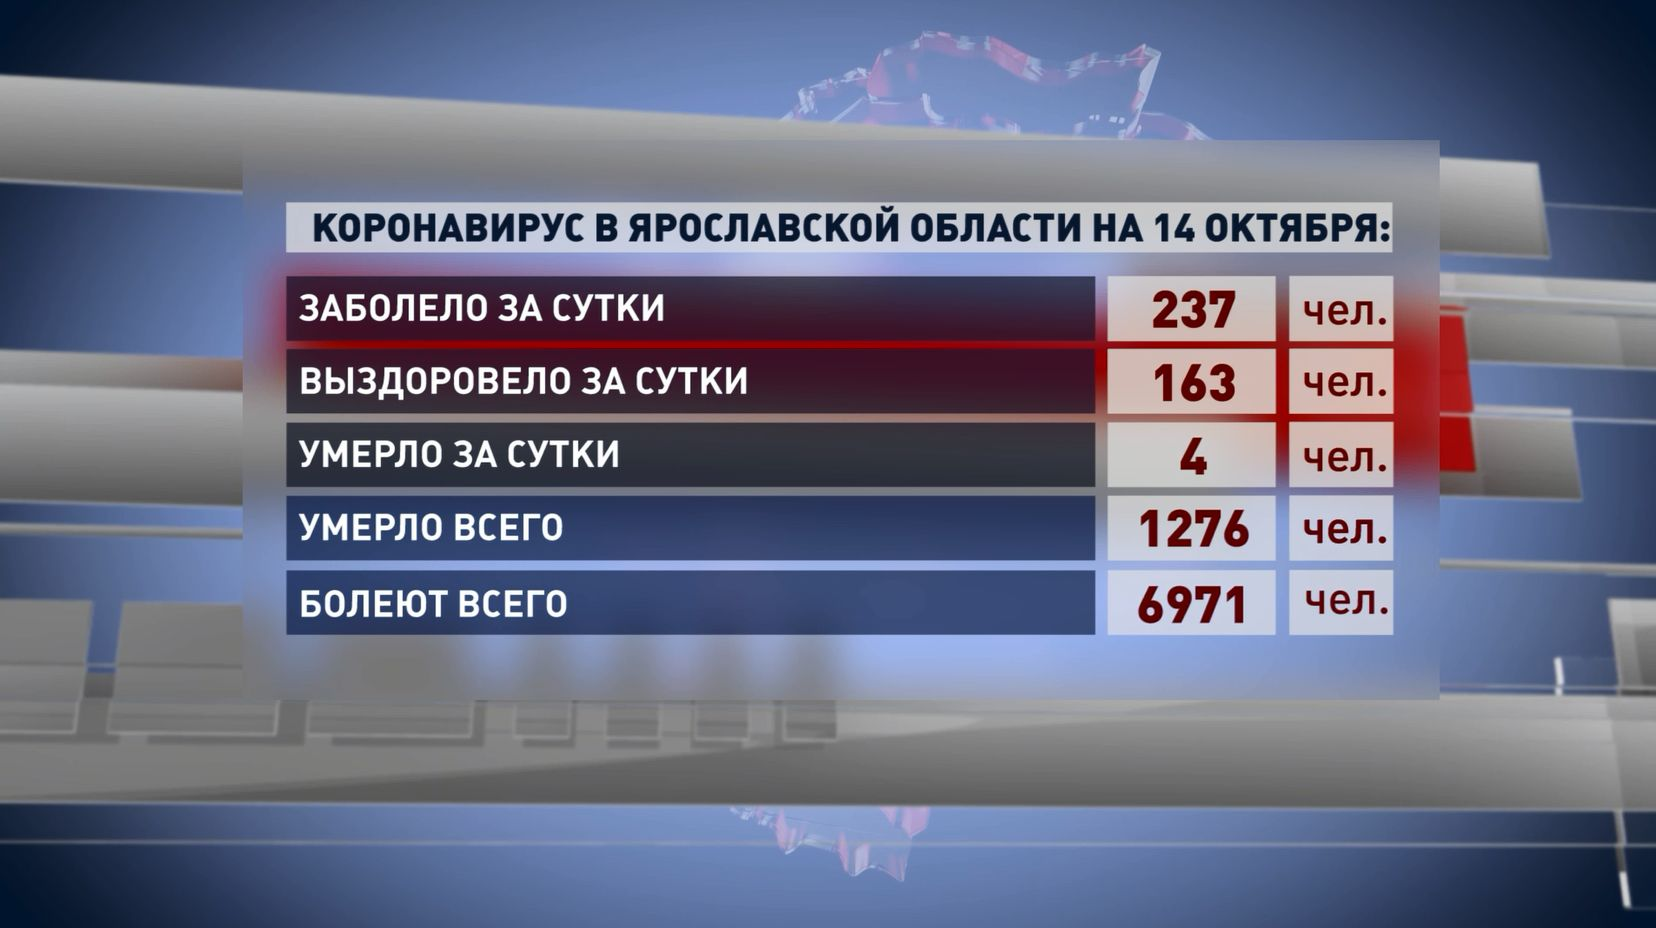 Коронавирусом в Ярославской области болеют около 7 000 человек